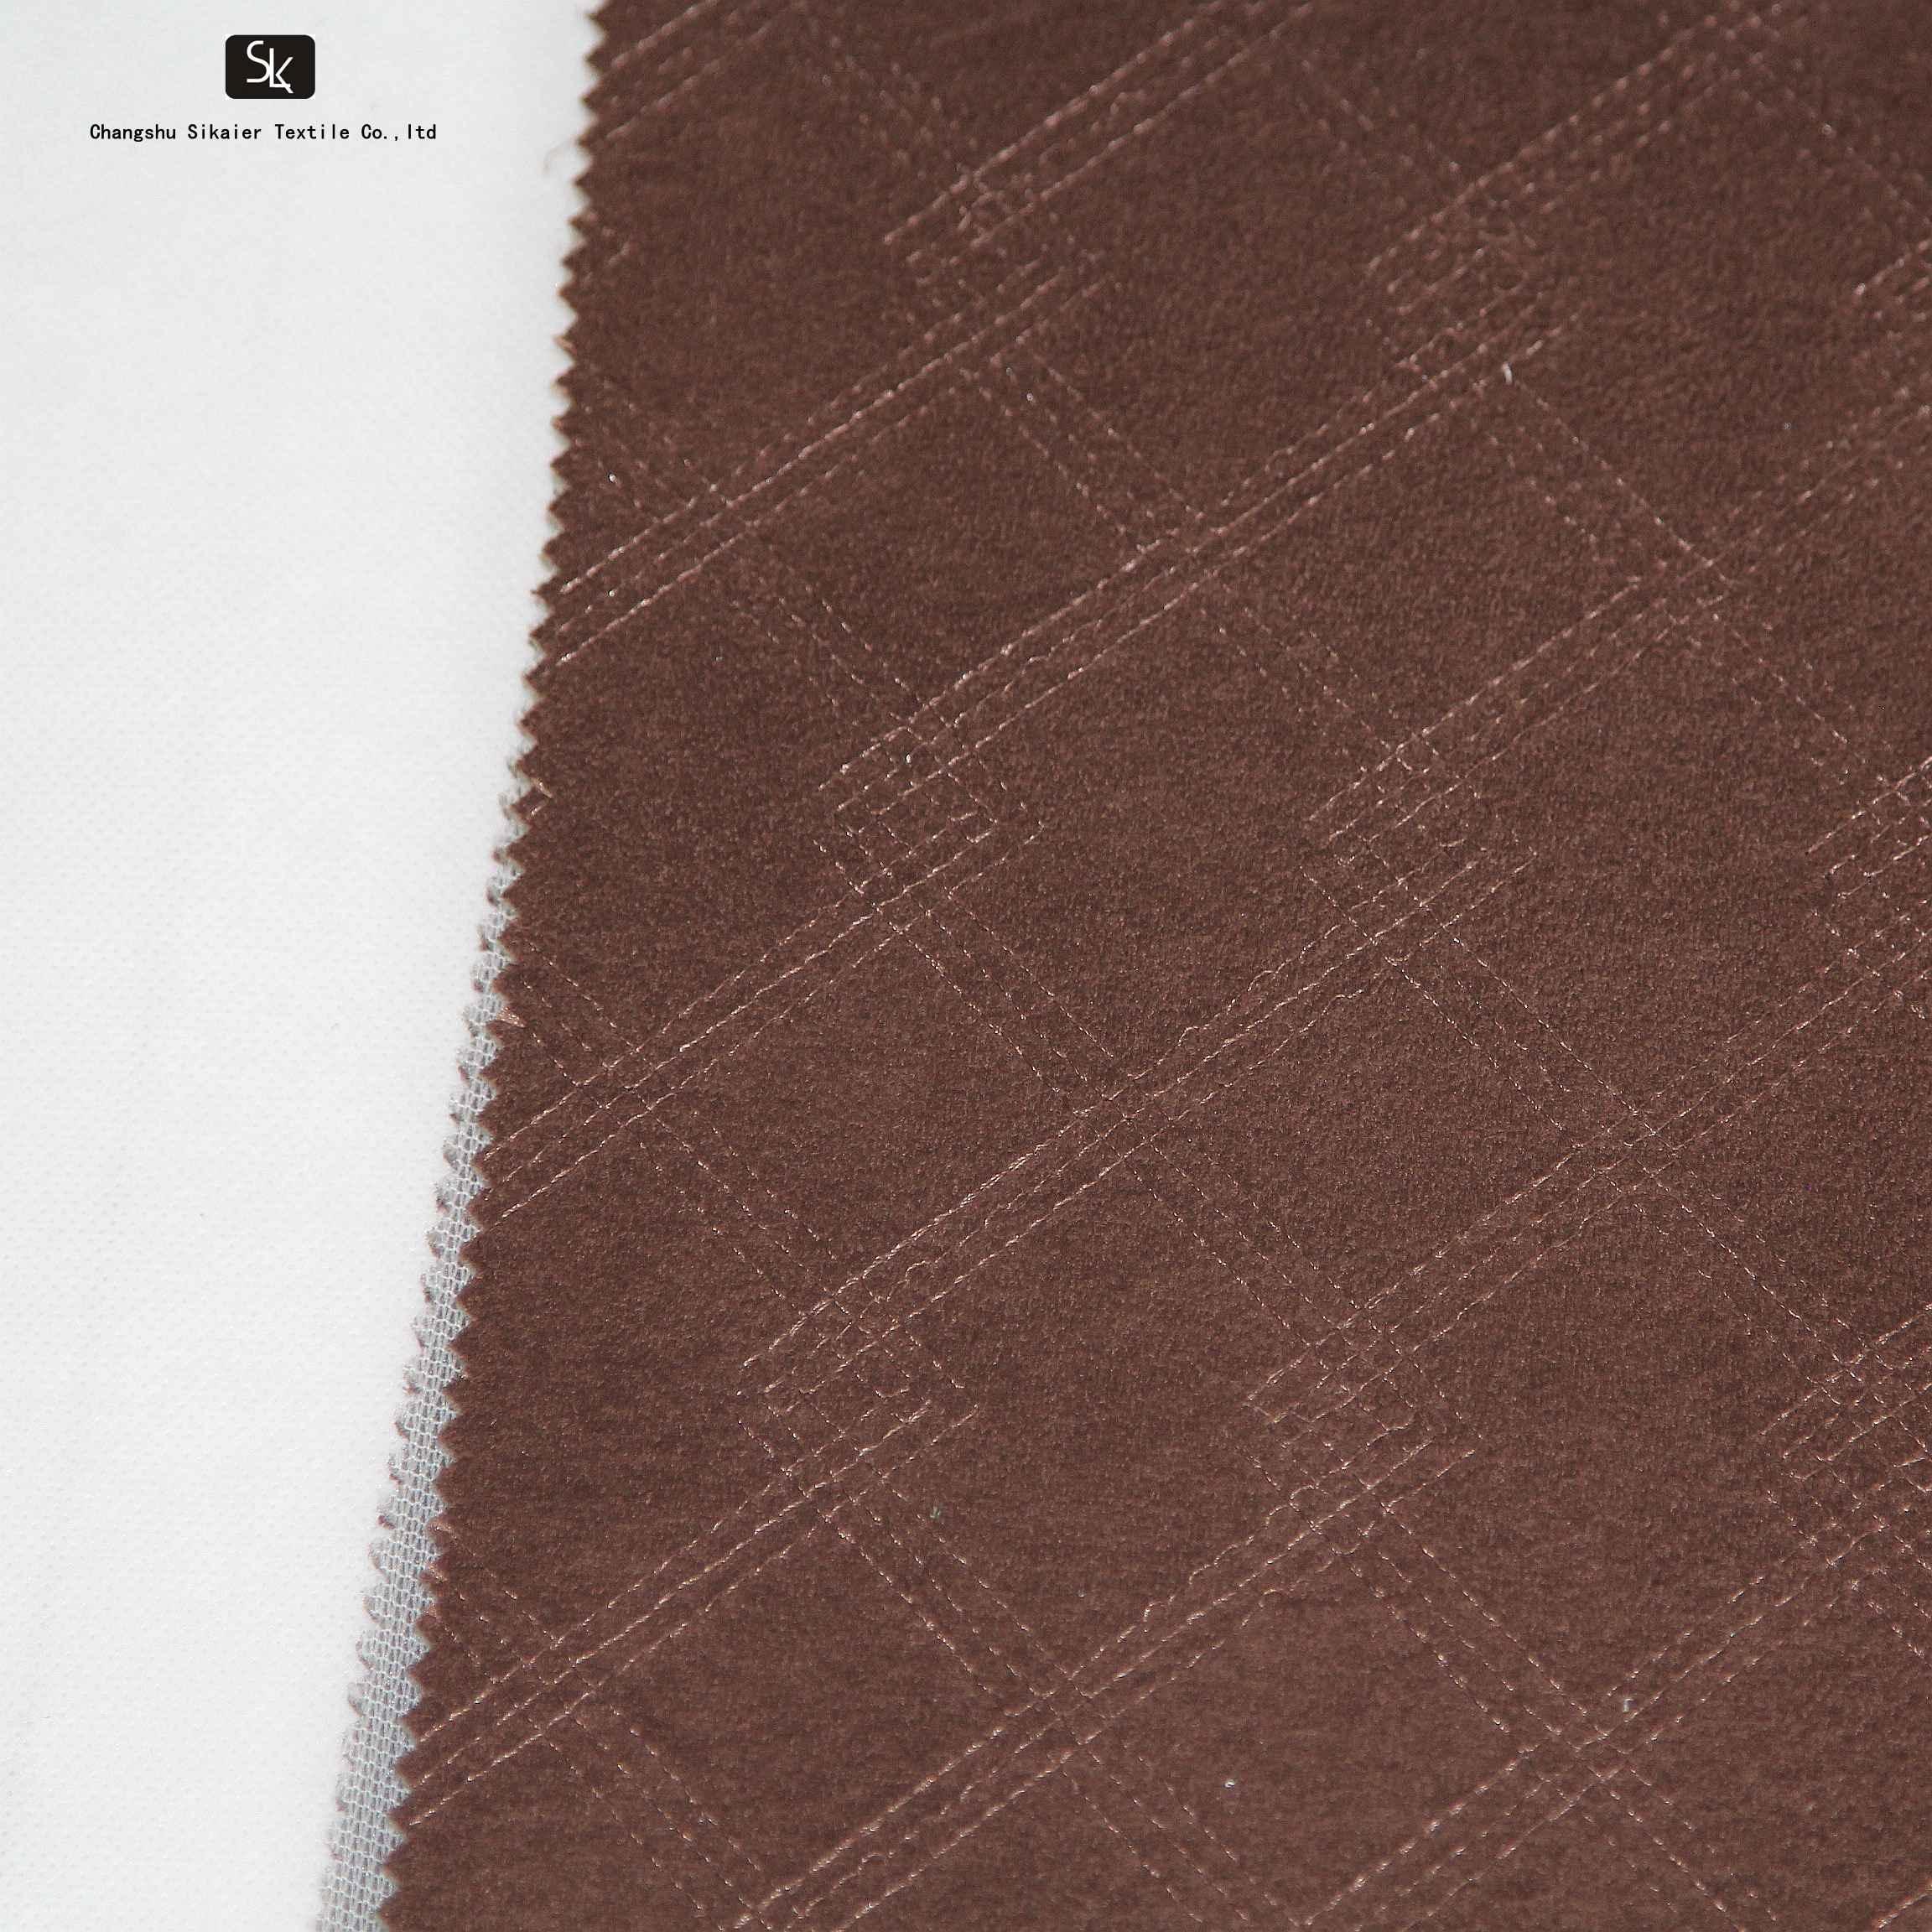 Вышитая тканая Автомобильная обивочная ткань с пеной для автомобильного сиденья/Автобусного Сиденья/дивана/мебели